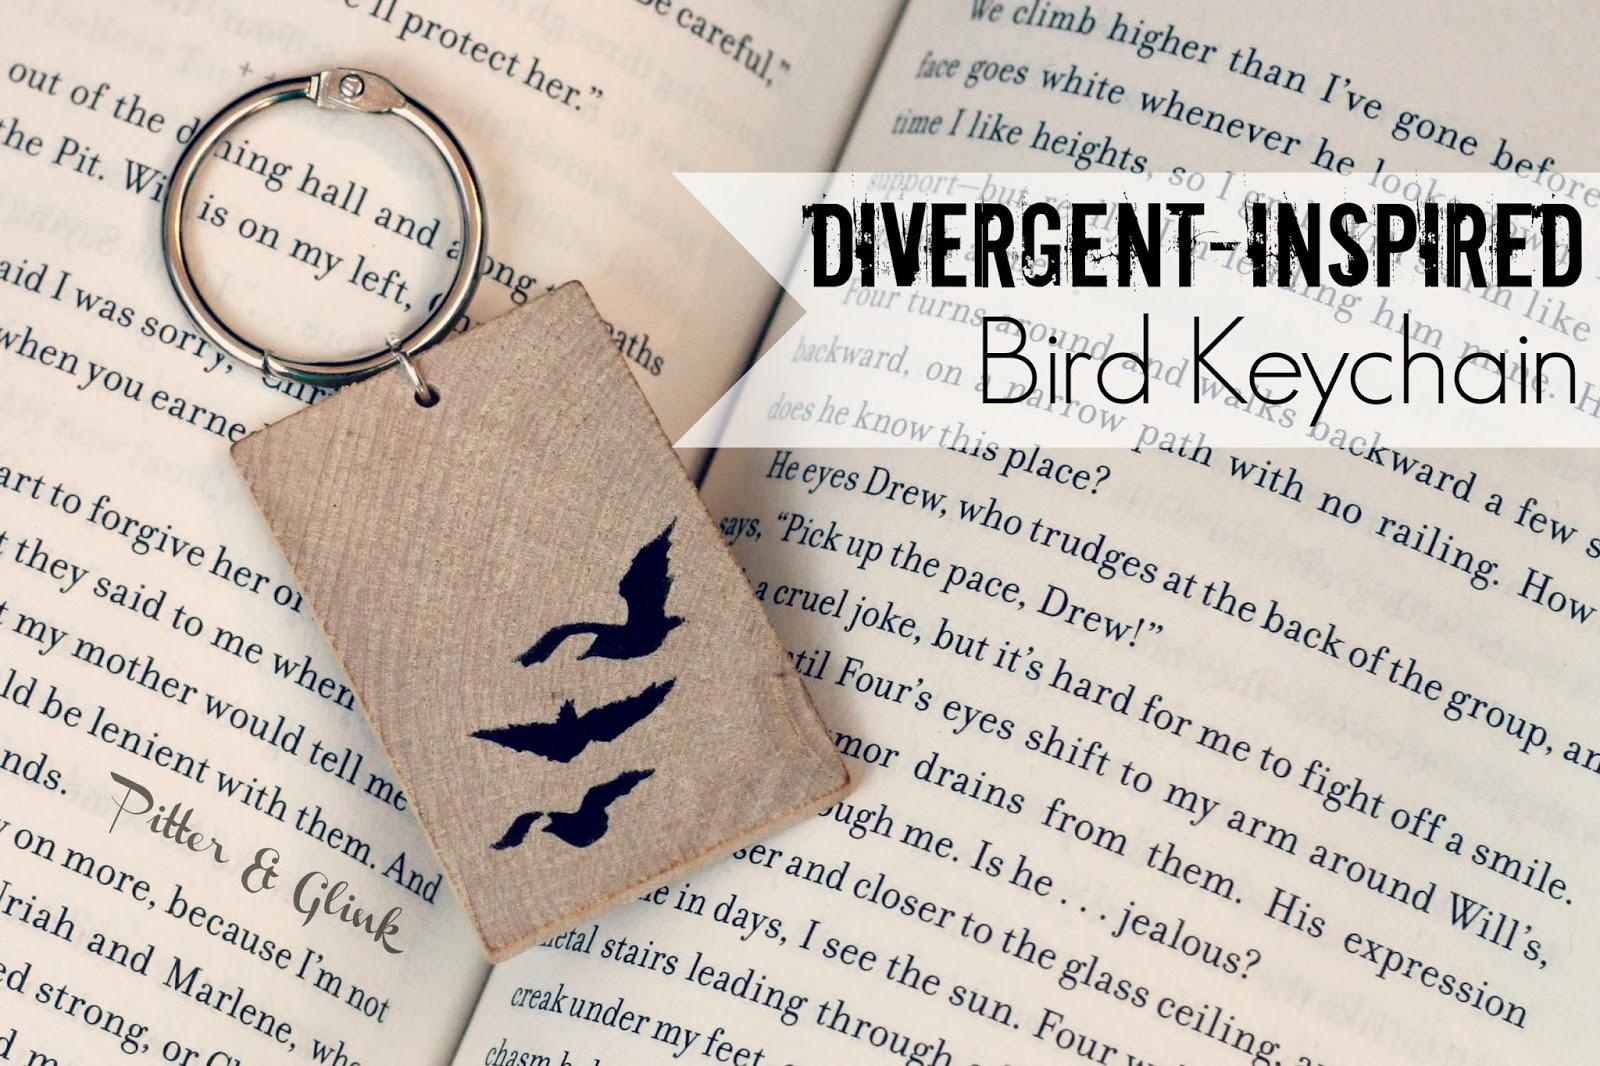 DIY Divergent-Inspired Keychain from PitterandGlink.com #divergent